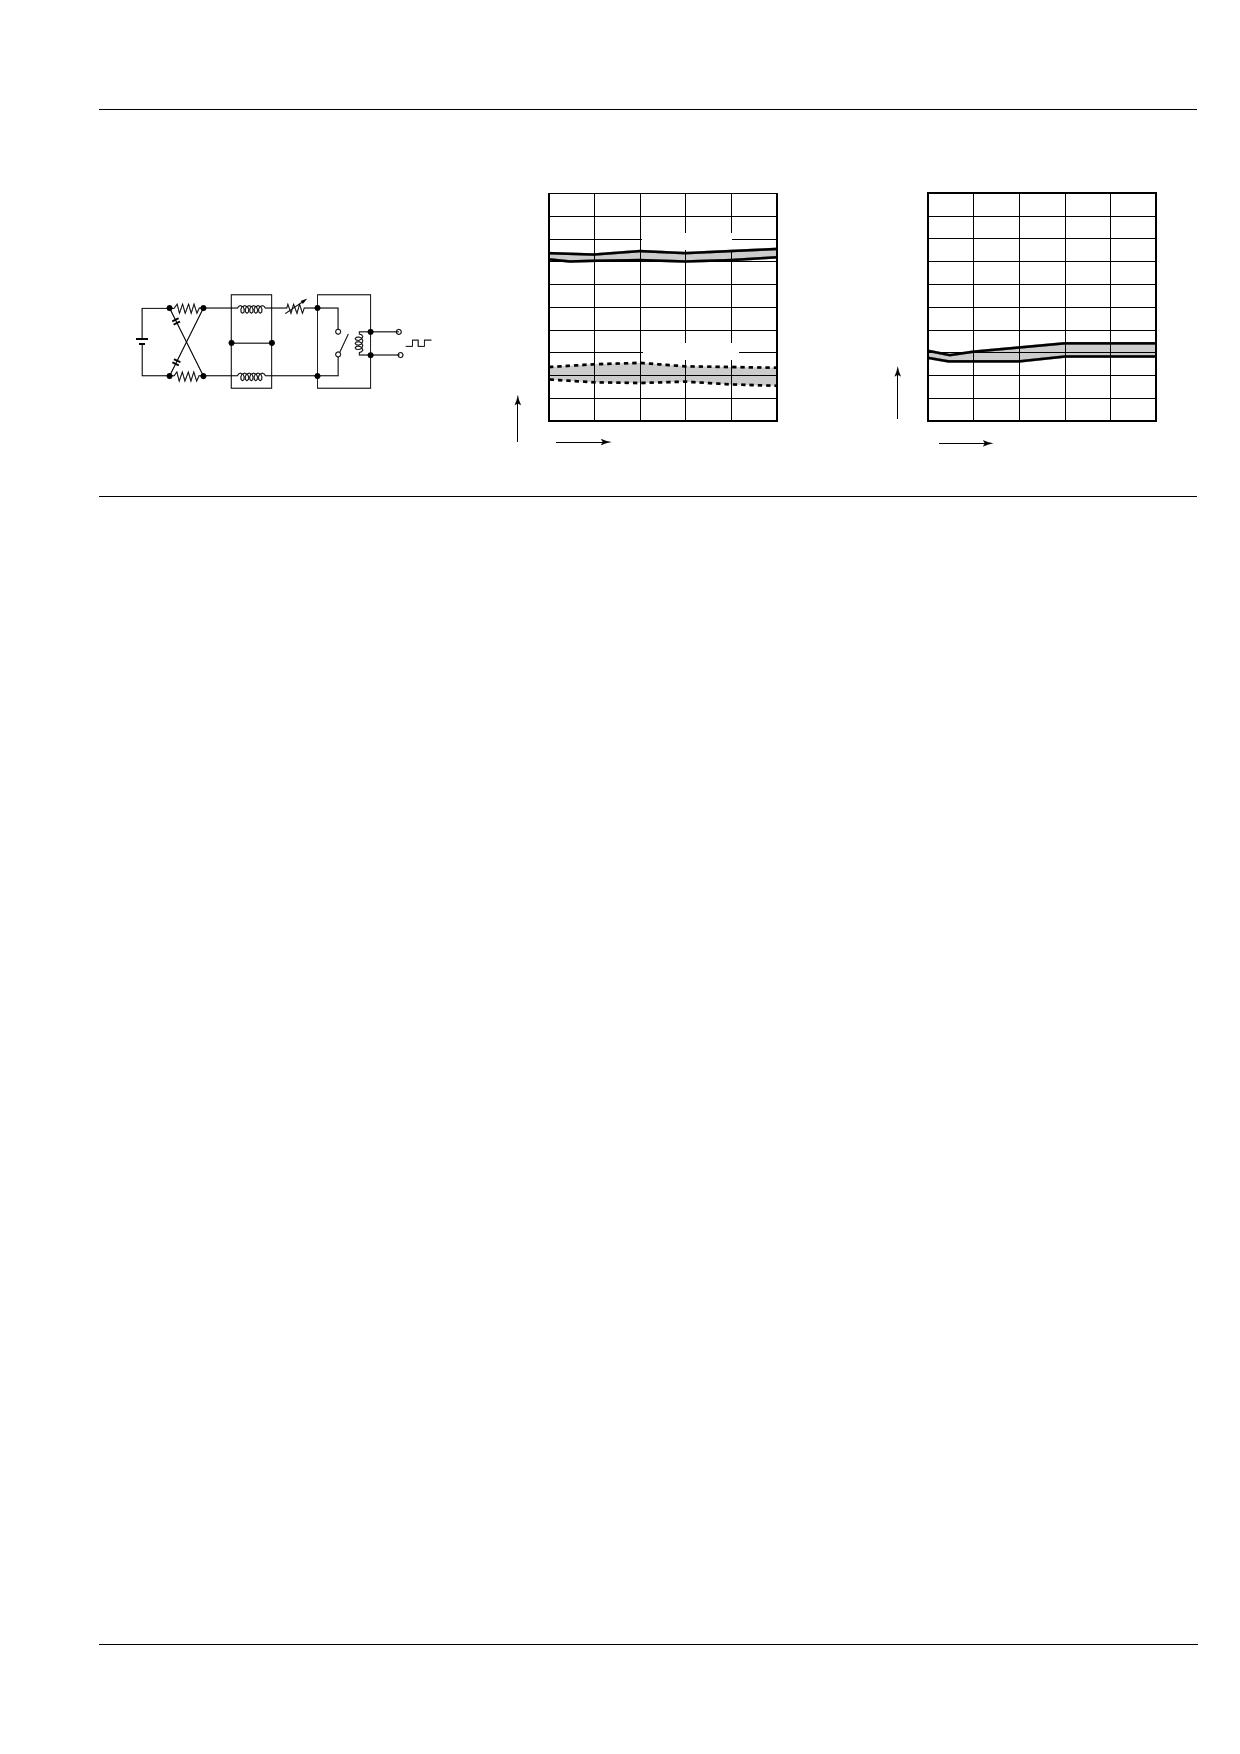 TF2-L2-9V pdf